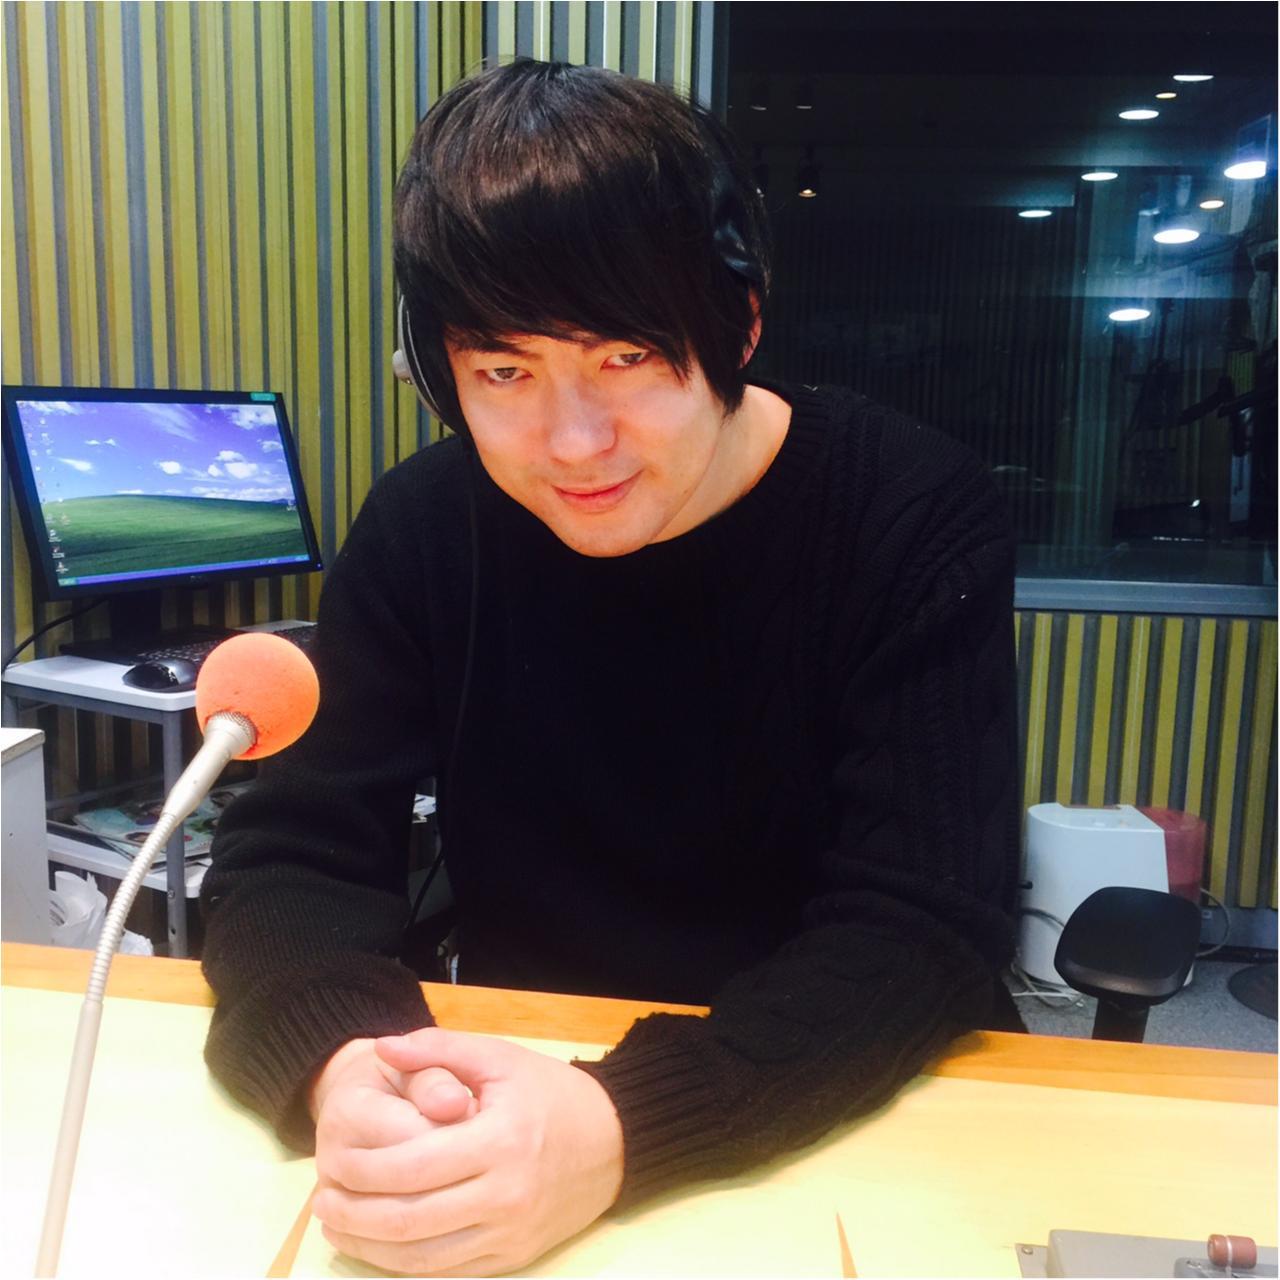 【ウラMORE】ウーマンラッシュ村本さんのラジオの裏側、突撃取材!_1